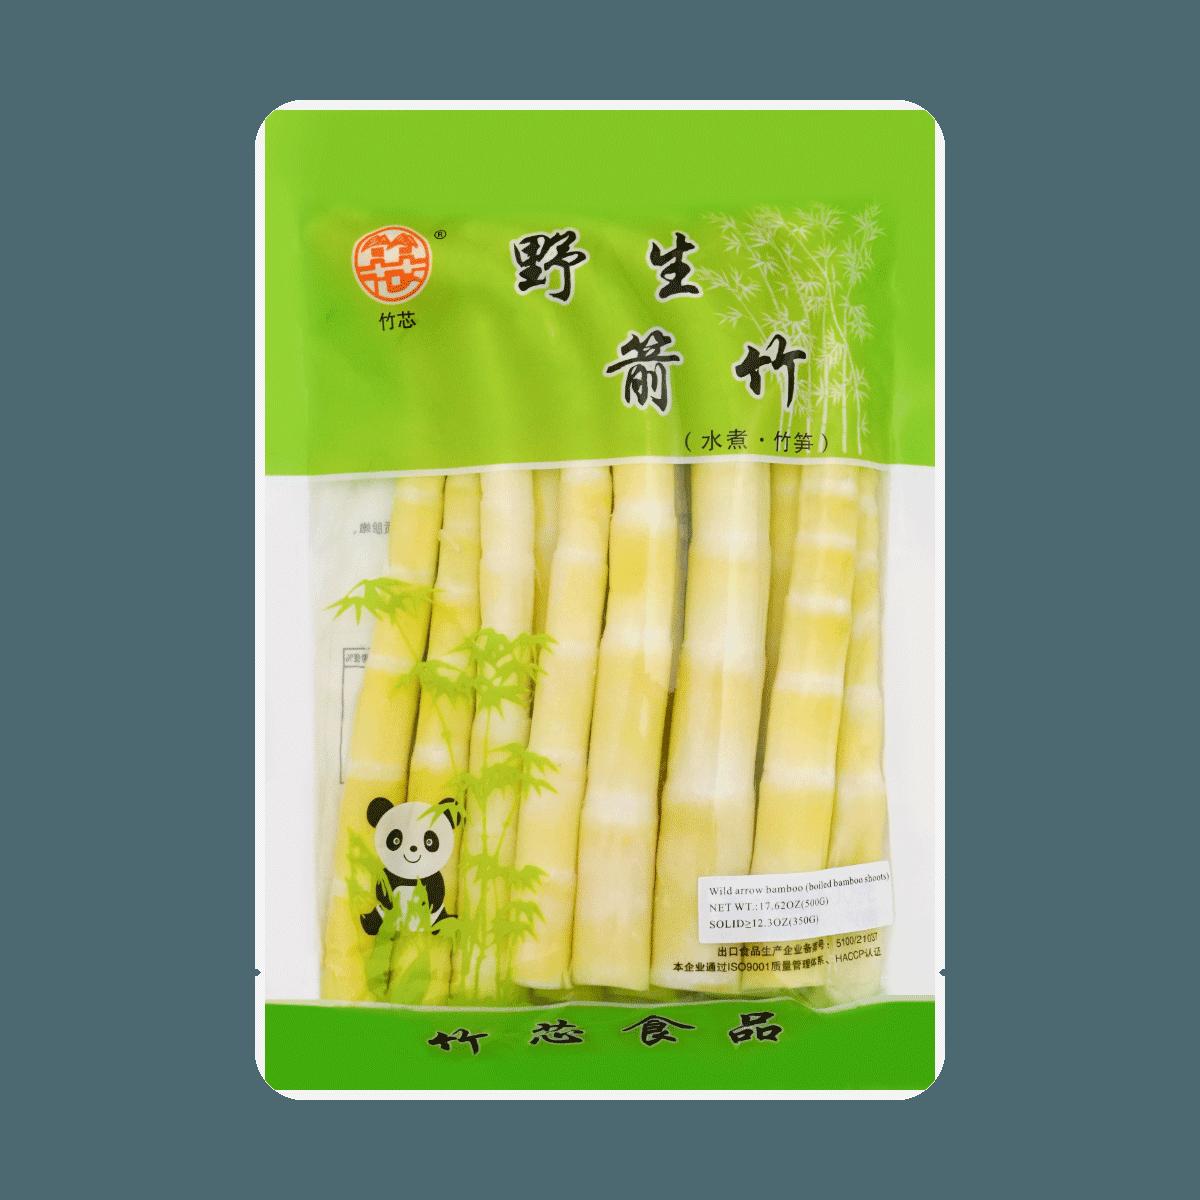 Yamibuy.com:Customer reviews:Wild Arrow Bamboo (Boiled Bamboo Shoot) 500g